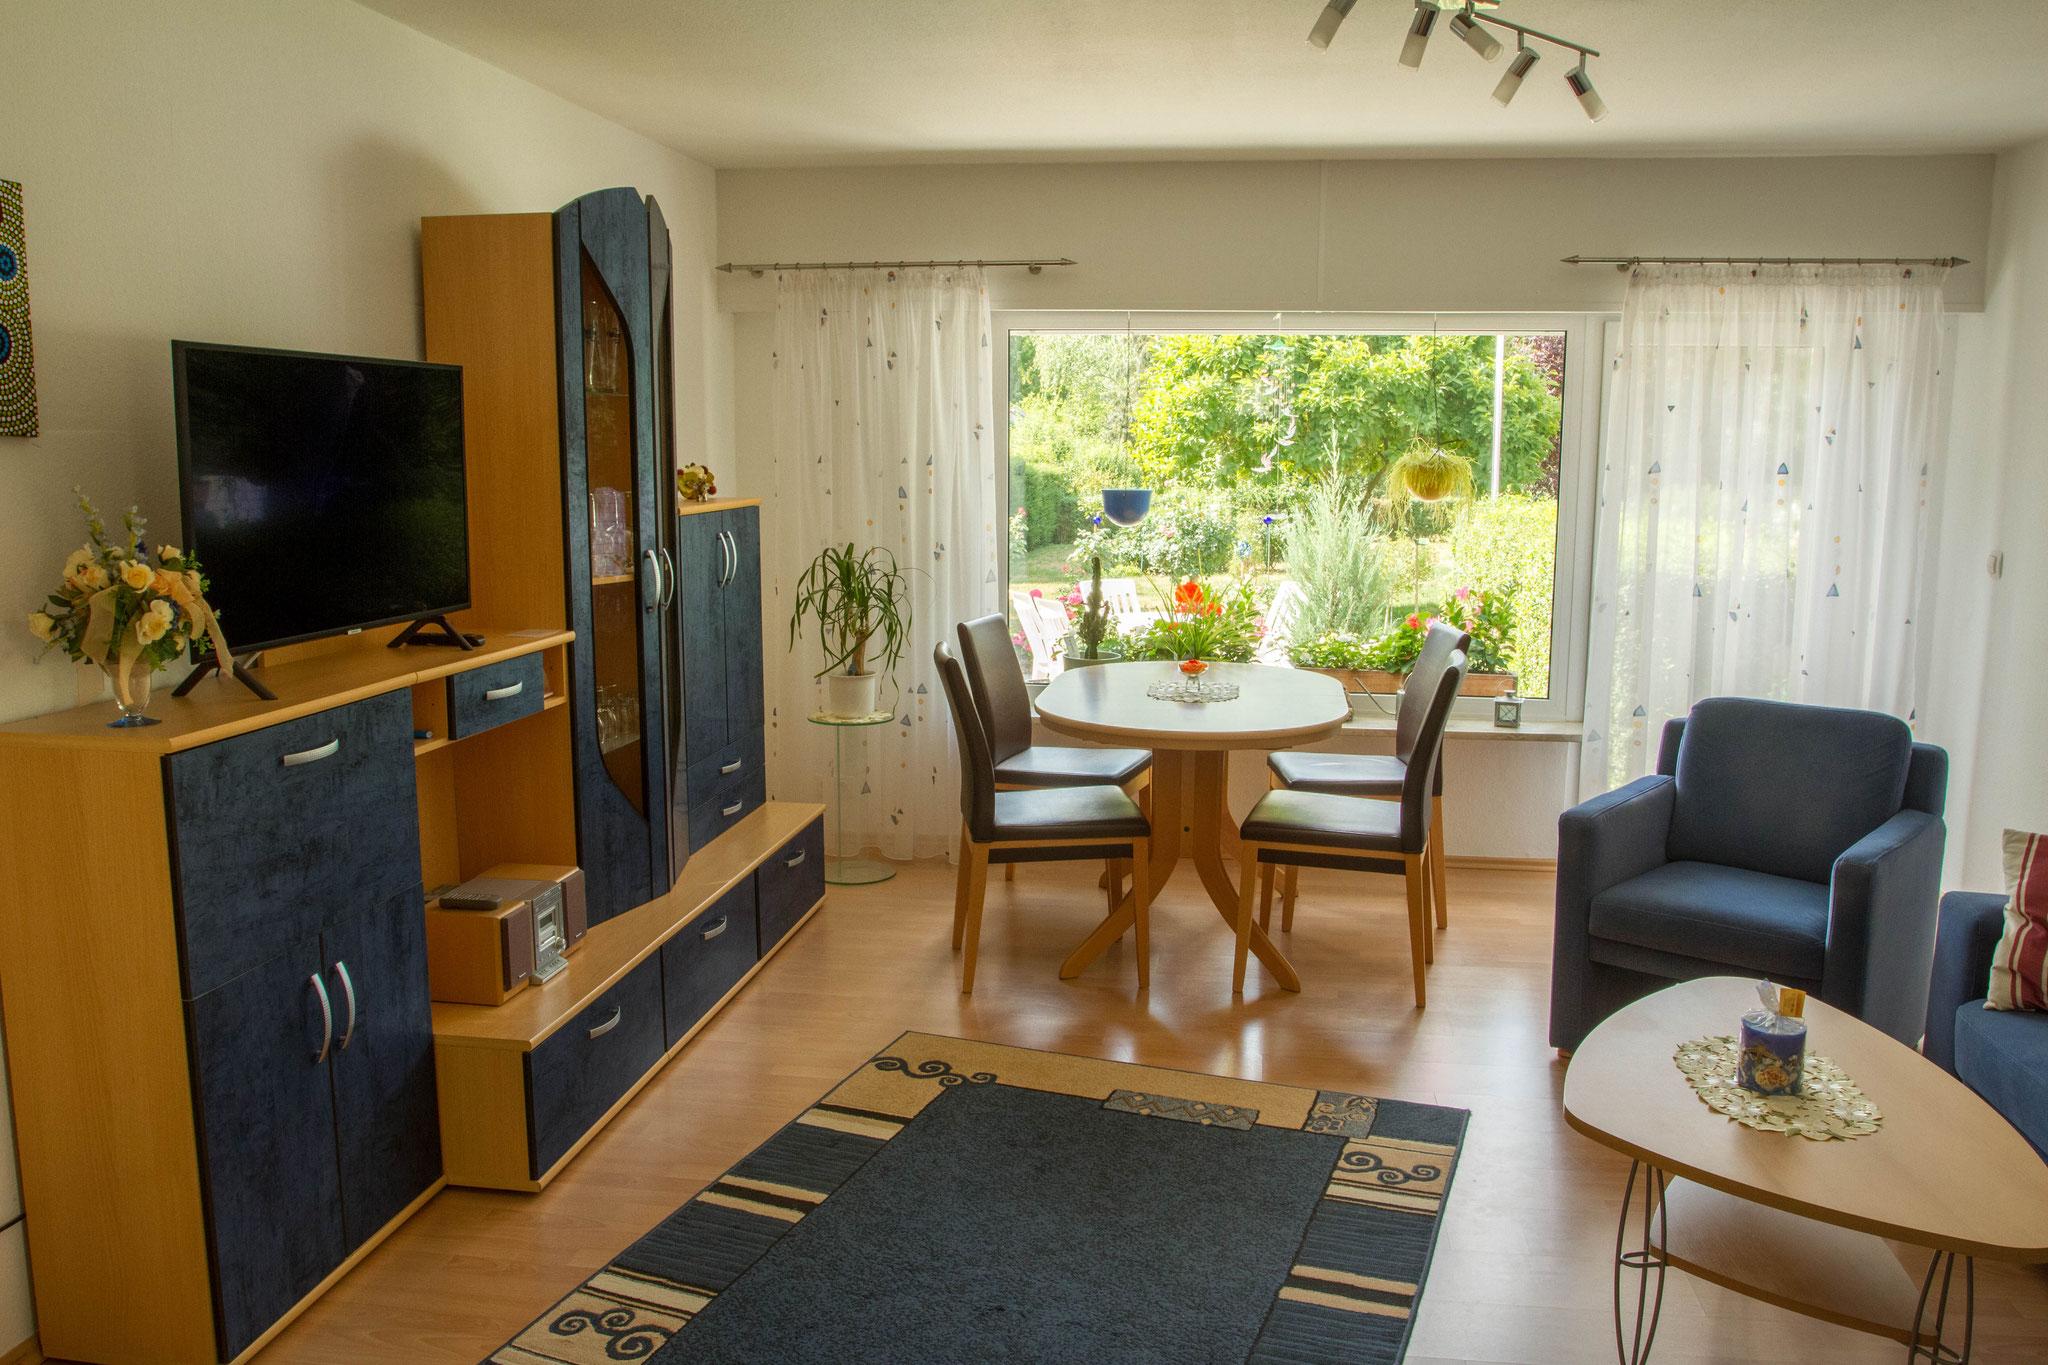 Das Wohnzimmer mit Essecke und Blick in den Garten